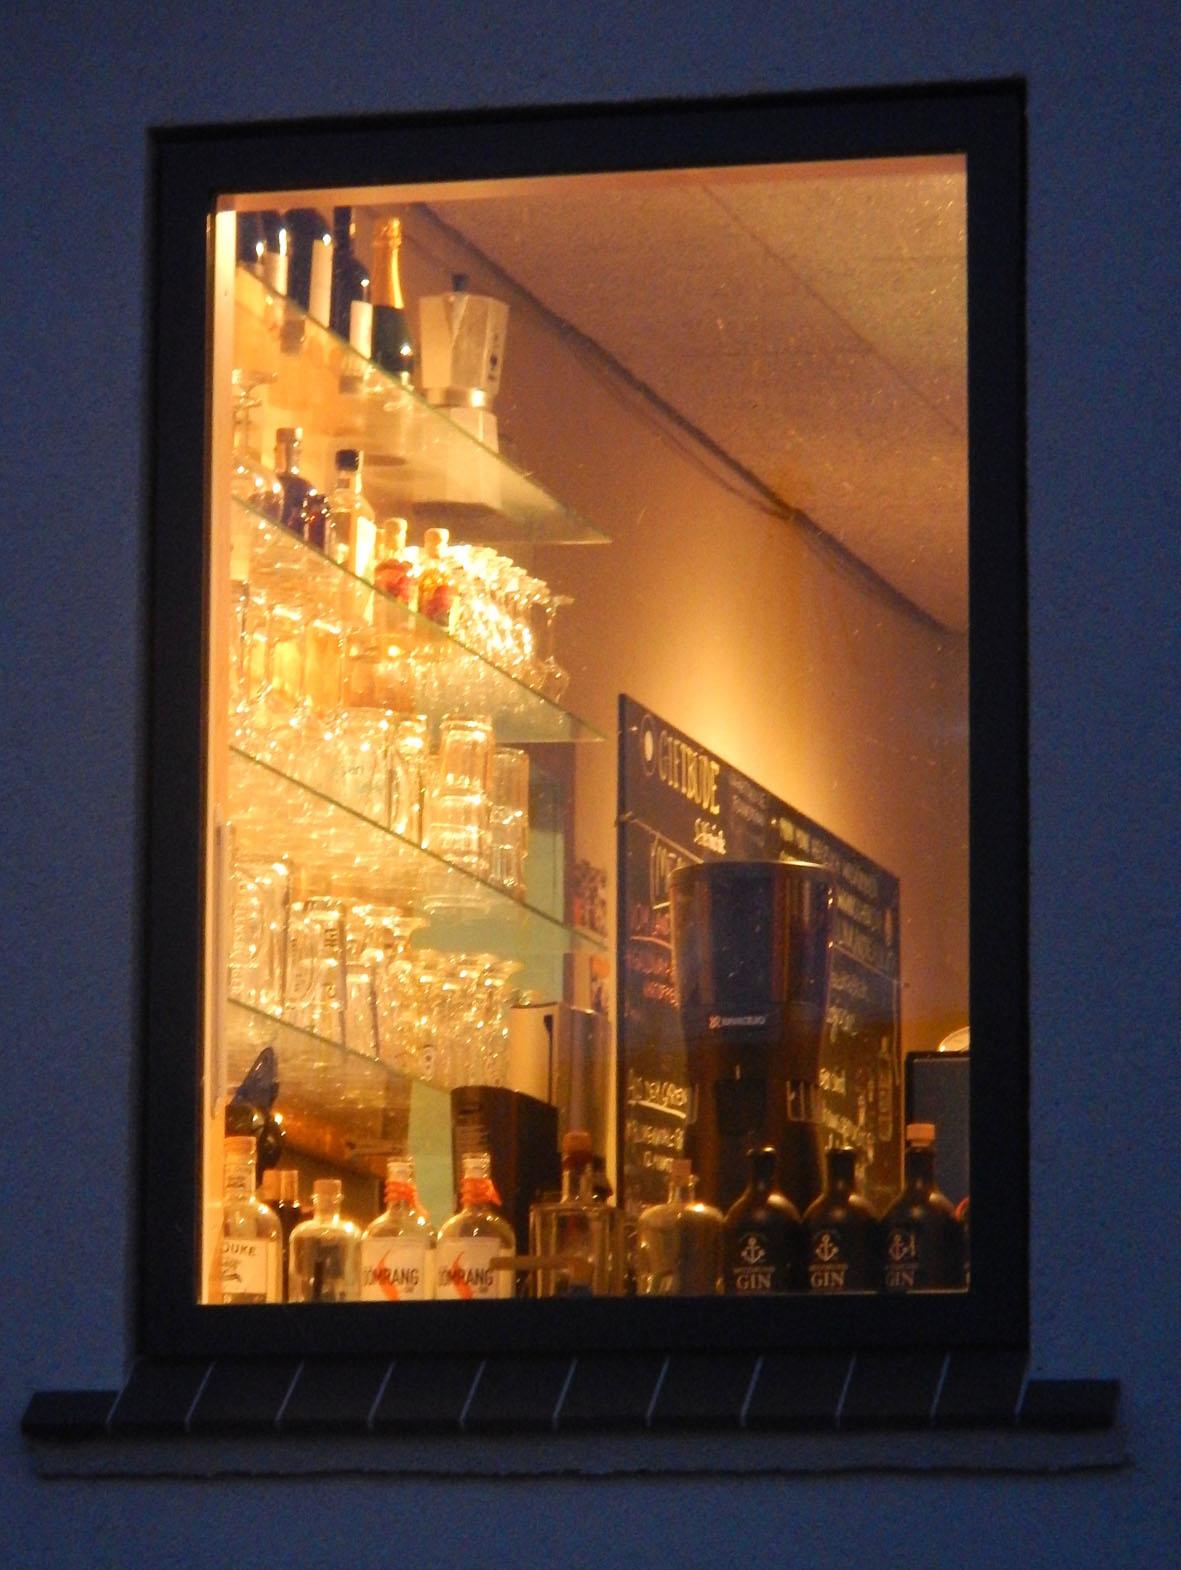 Das nächtliche Glas- und Schnapsregal der Giftbude